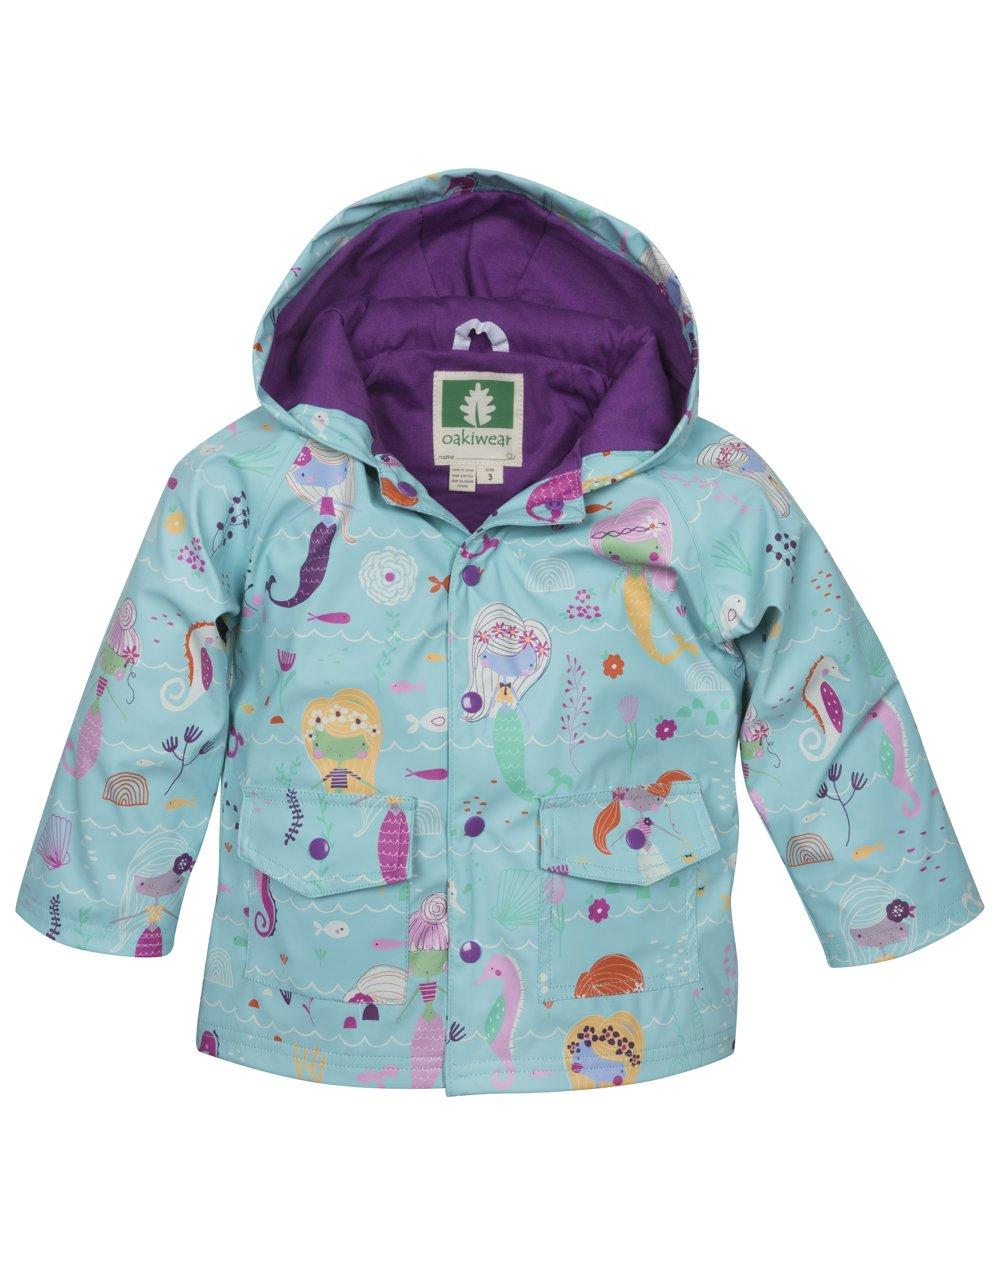 OAKI Children's Rain Jacket, Mermaids 2T Toddler by OAKI